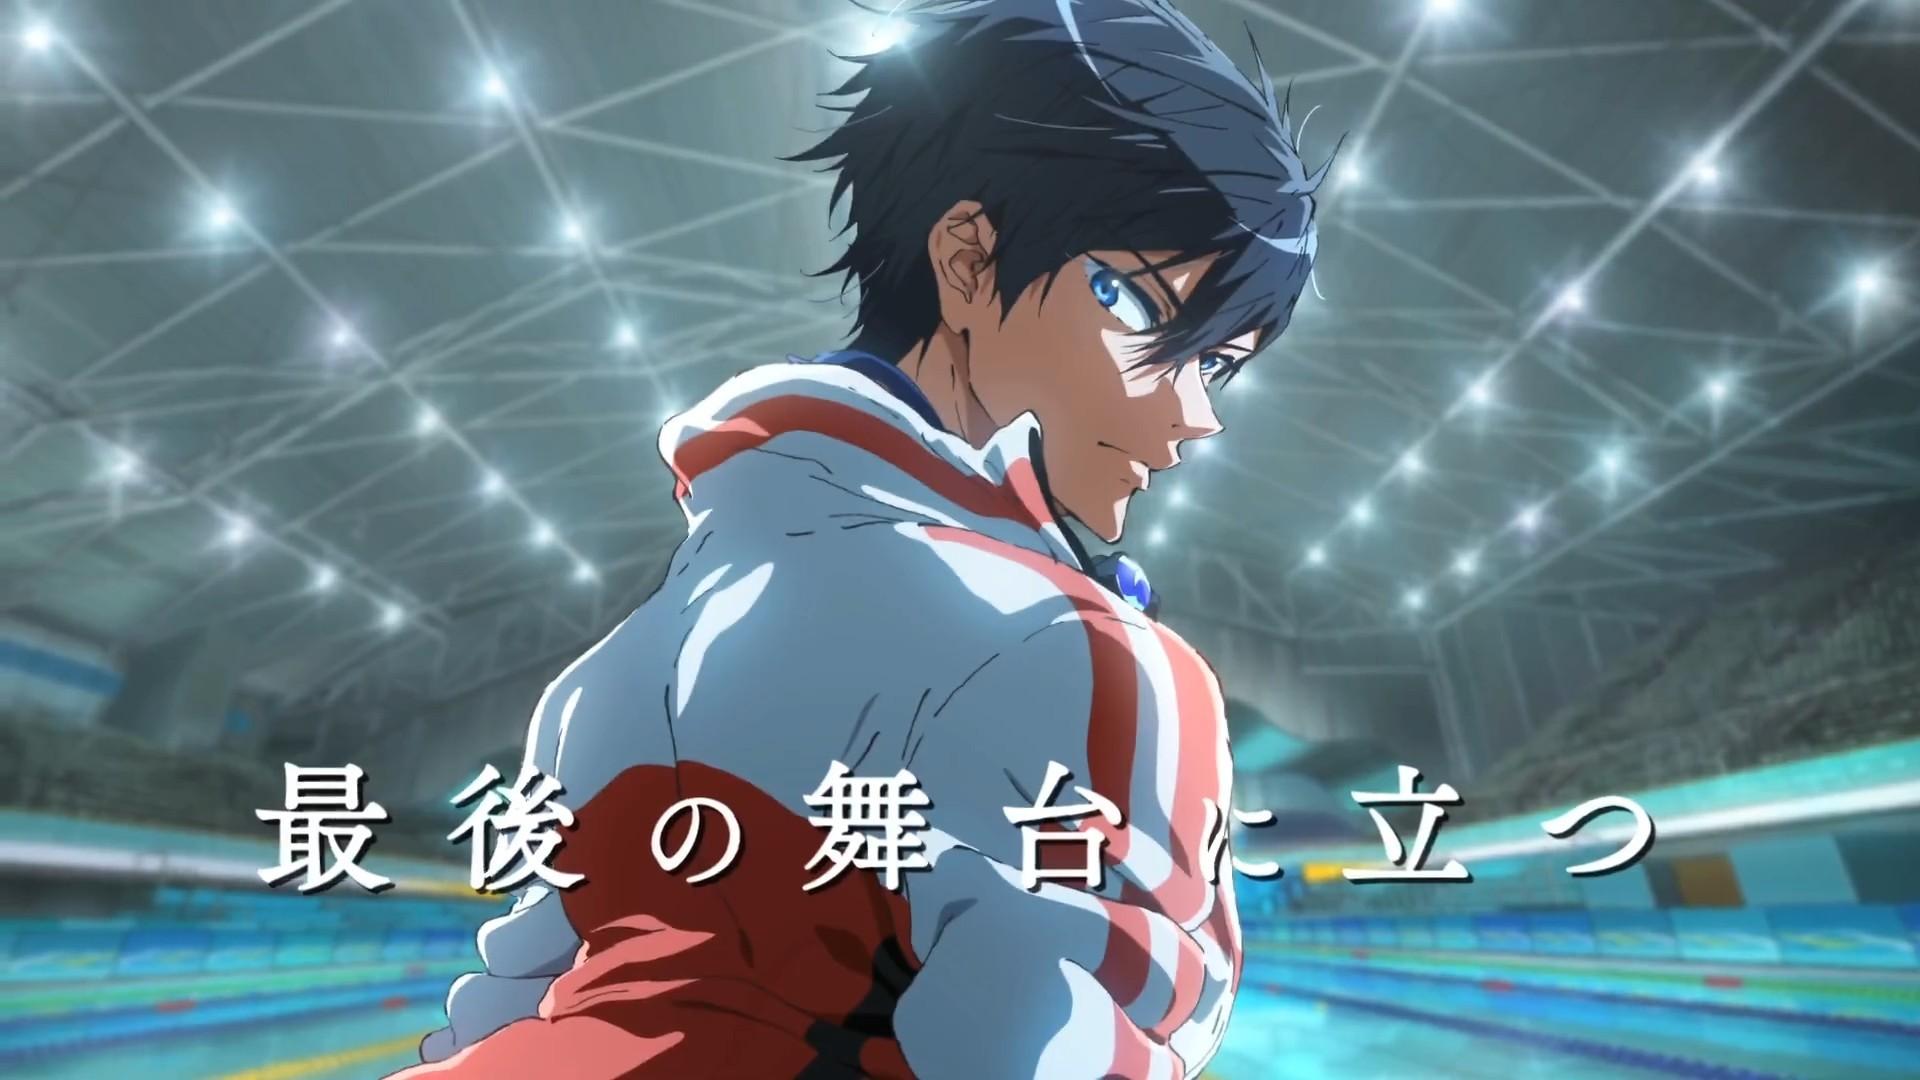 【动漫情报】京都动画新作,完全新作剧场版《Free!–the Final Stroke–》特报公开,9月17日上映